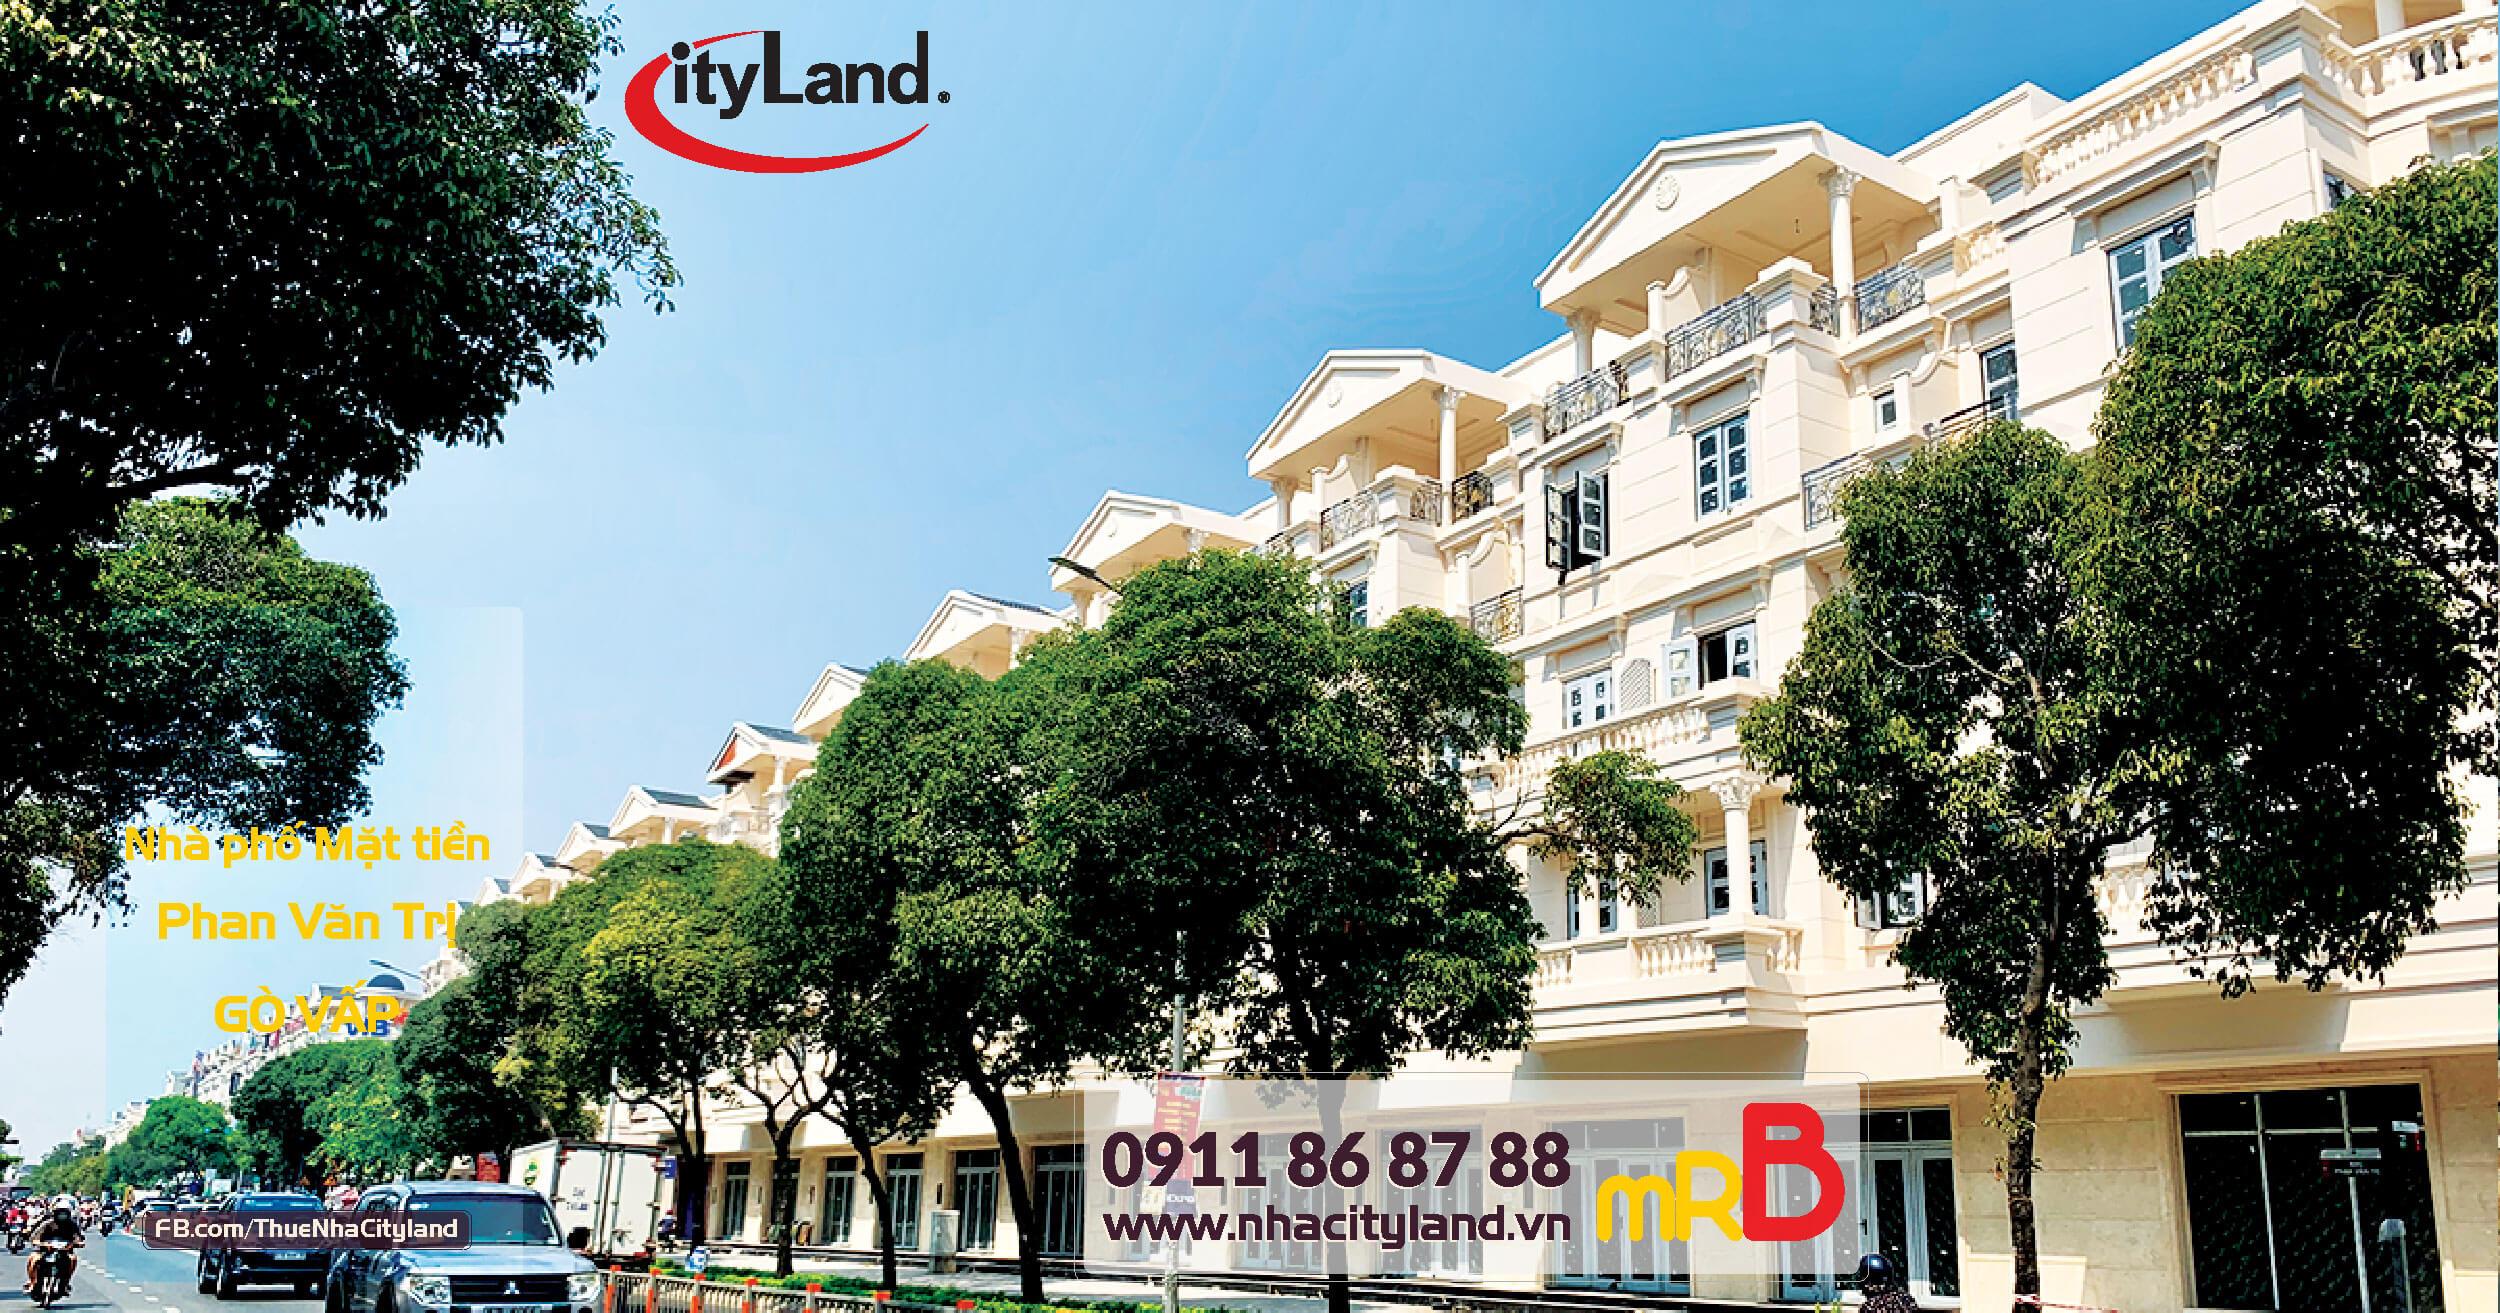 Cho thuê Nhà Cityland Mặt tiền Phan Văn Trị - Park Hills